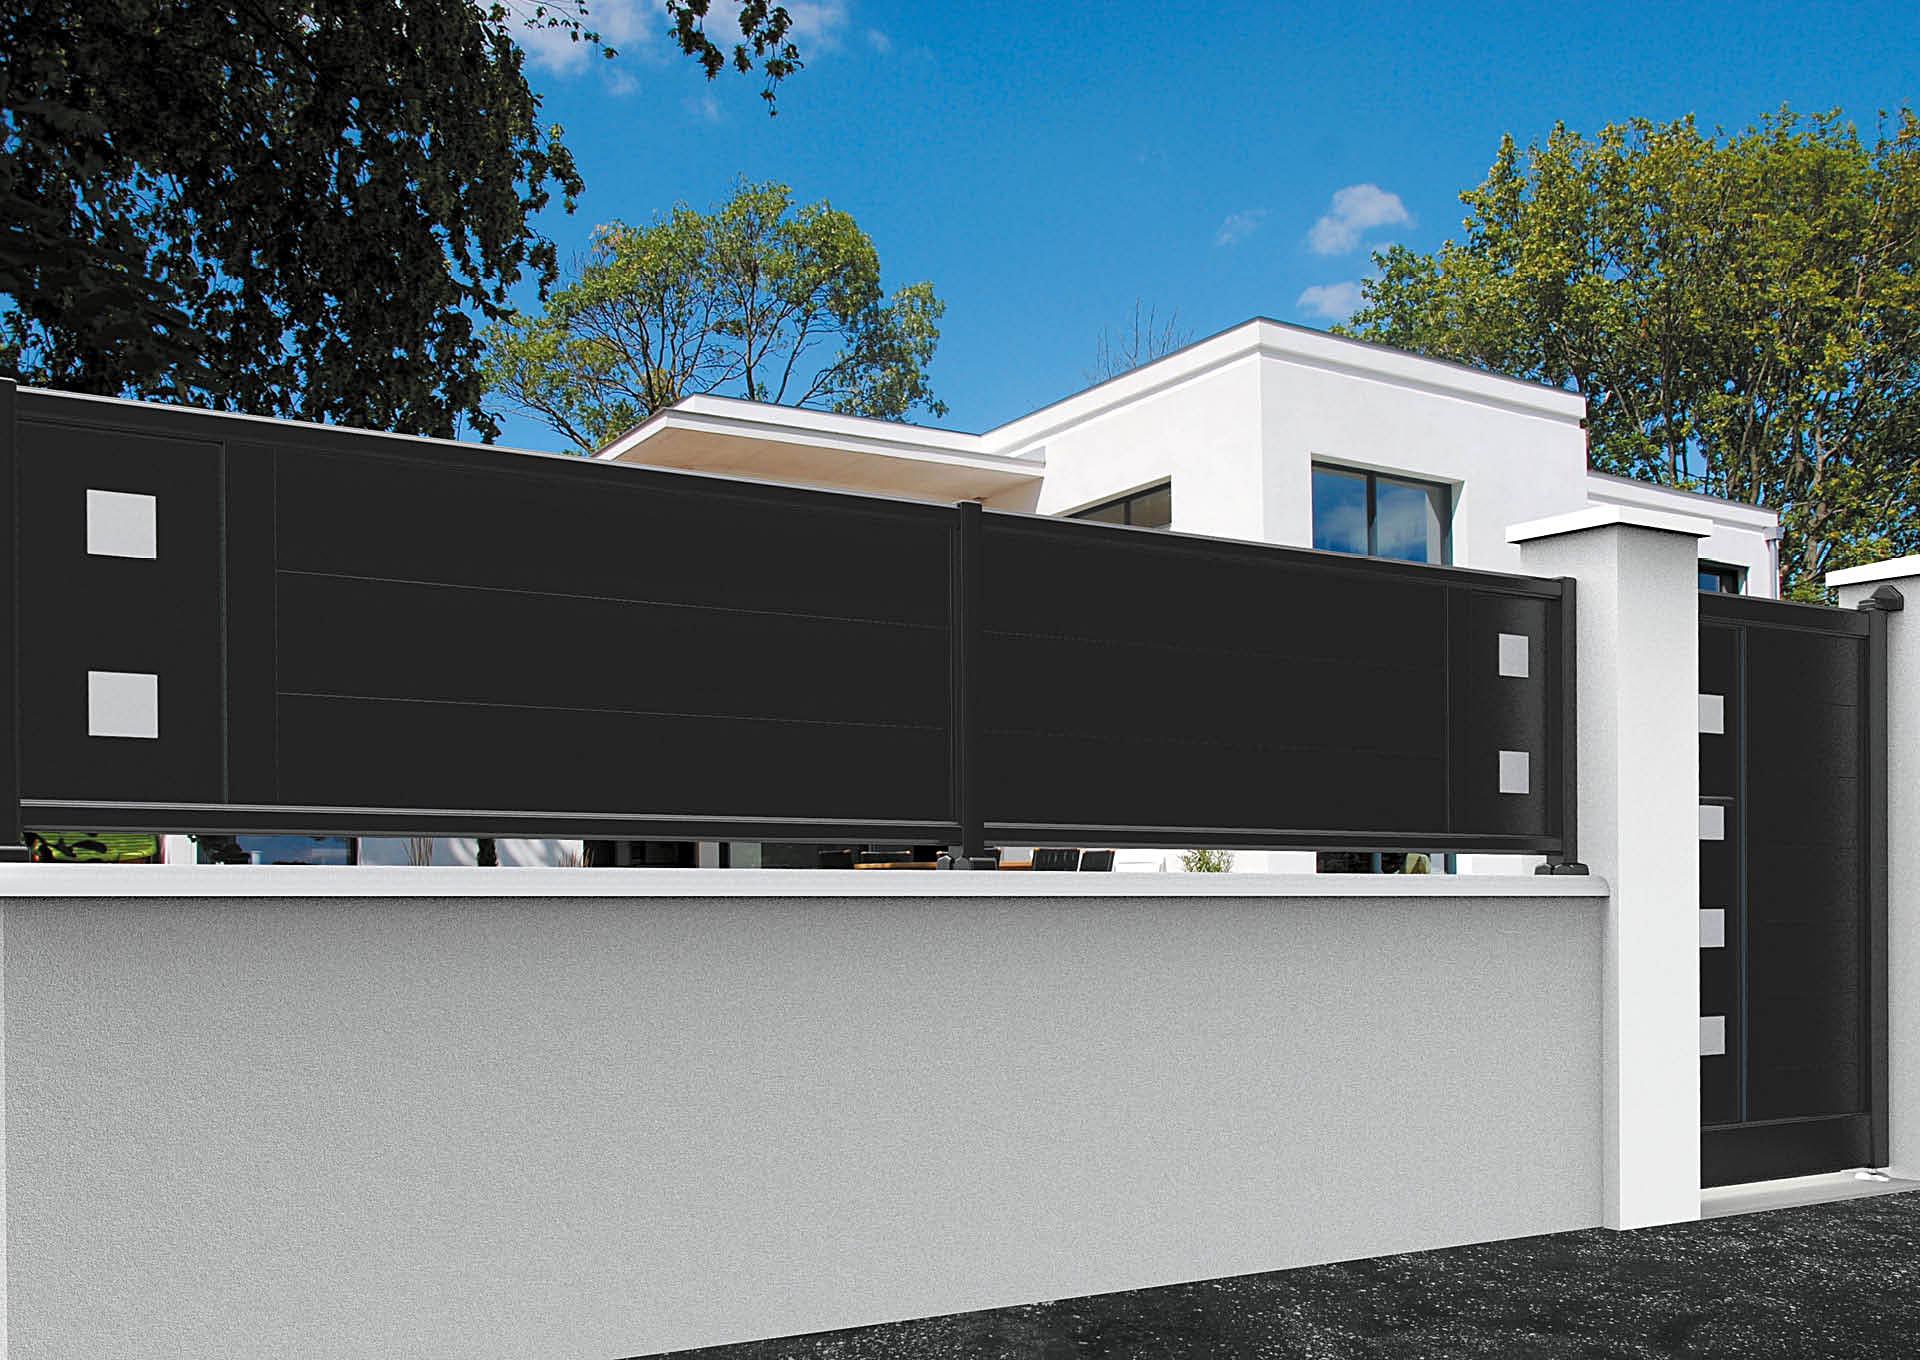 Clôture en aluminium 9110_CL_P2DA Lames horizontales 200mm + décor imitation inox Carrés pleins